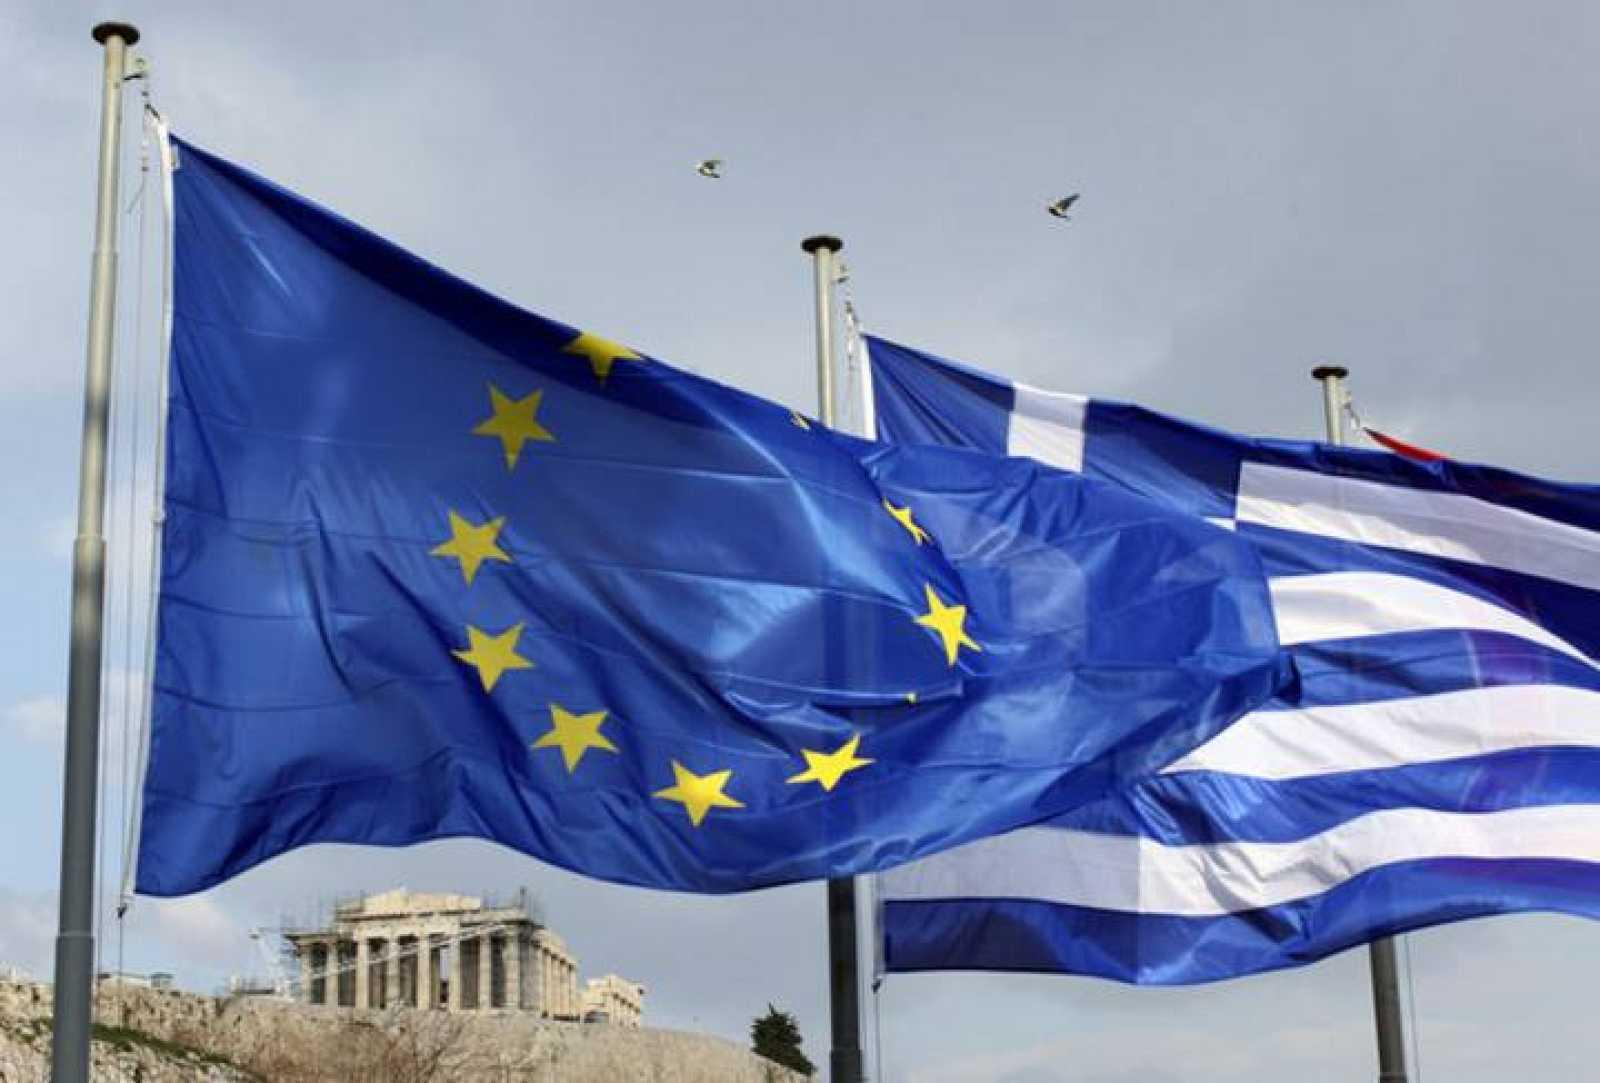 Las banderas de la UE y Grecia ondean juntas frente al Partenón